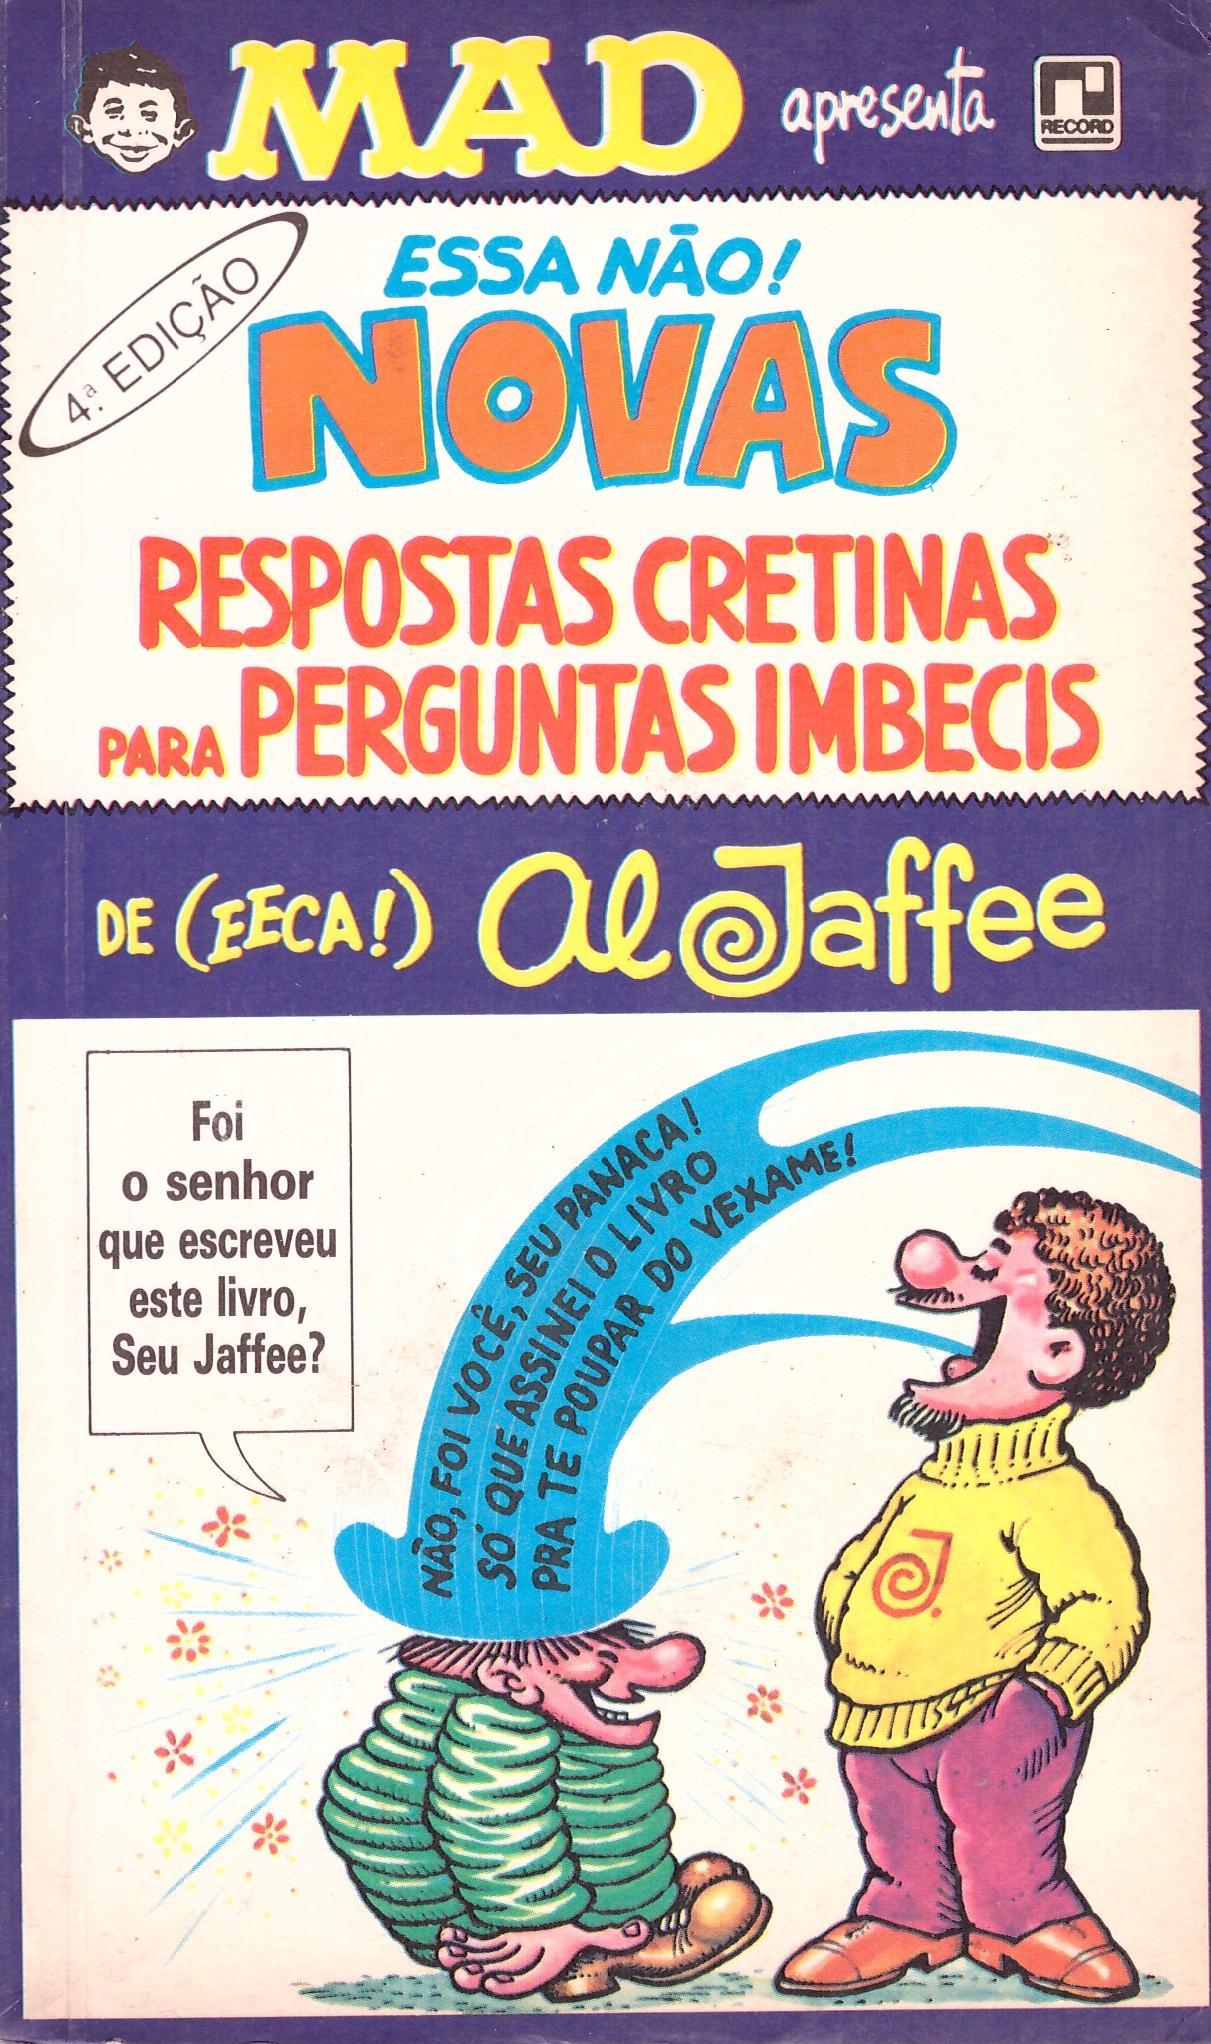 Novas Respostas Cretinas Para Perguntas Imbecis • Brasil • 2nd Edition - Record